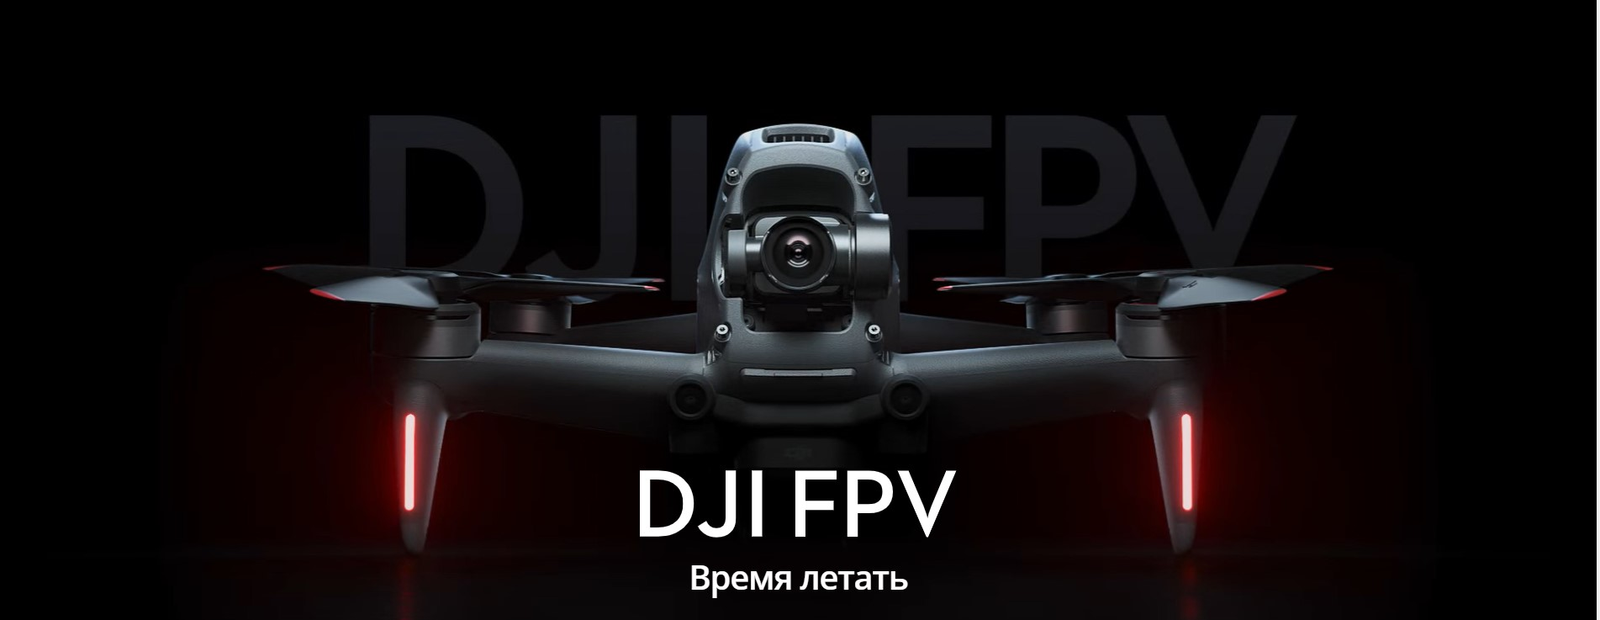 DJI официально представила FPV квадрокоптер